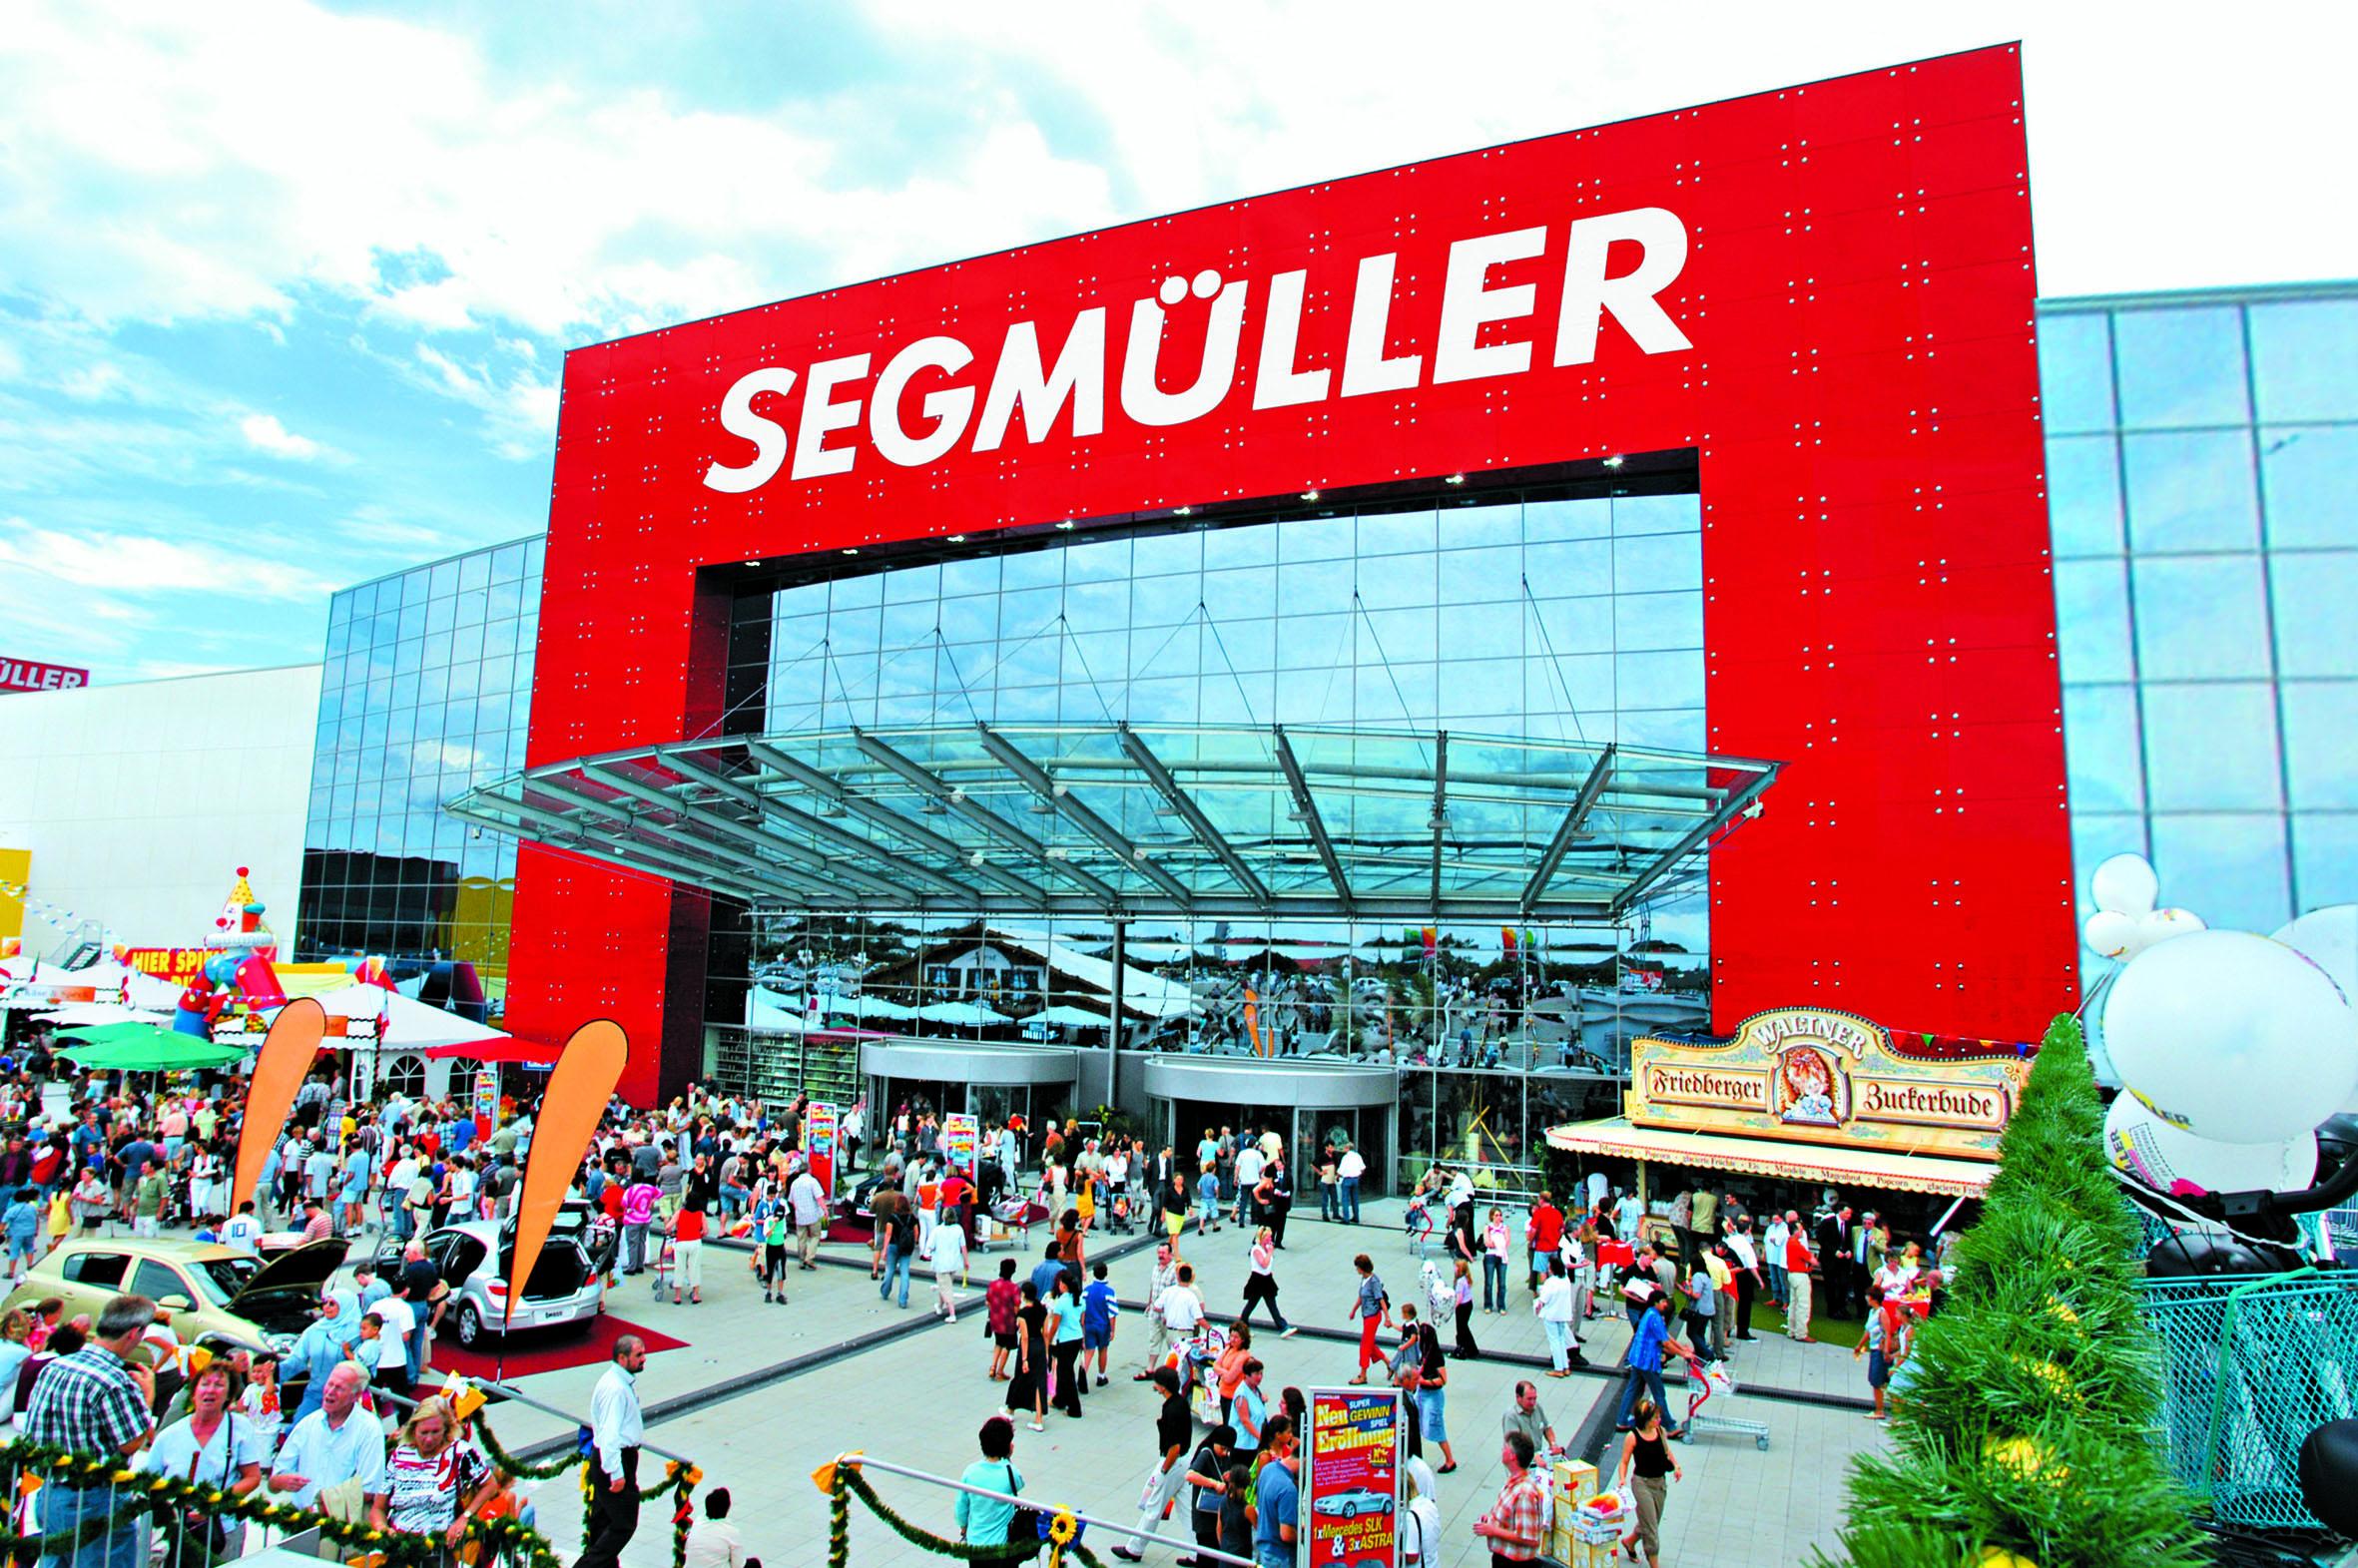 Segmüller Weiterstadt